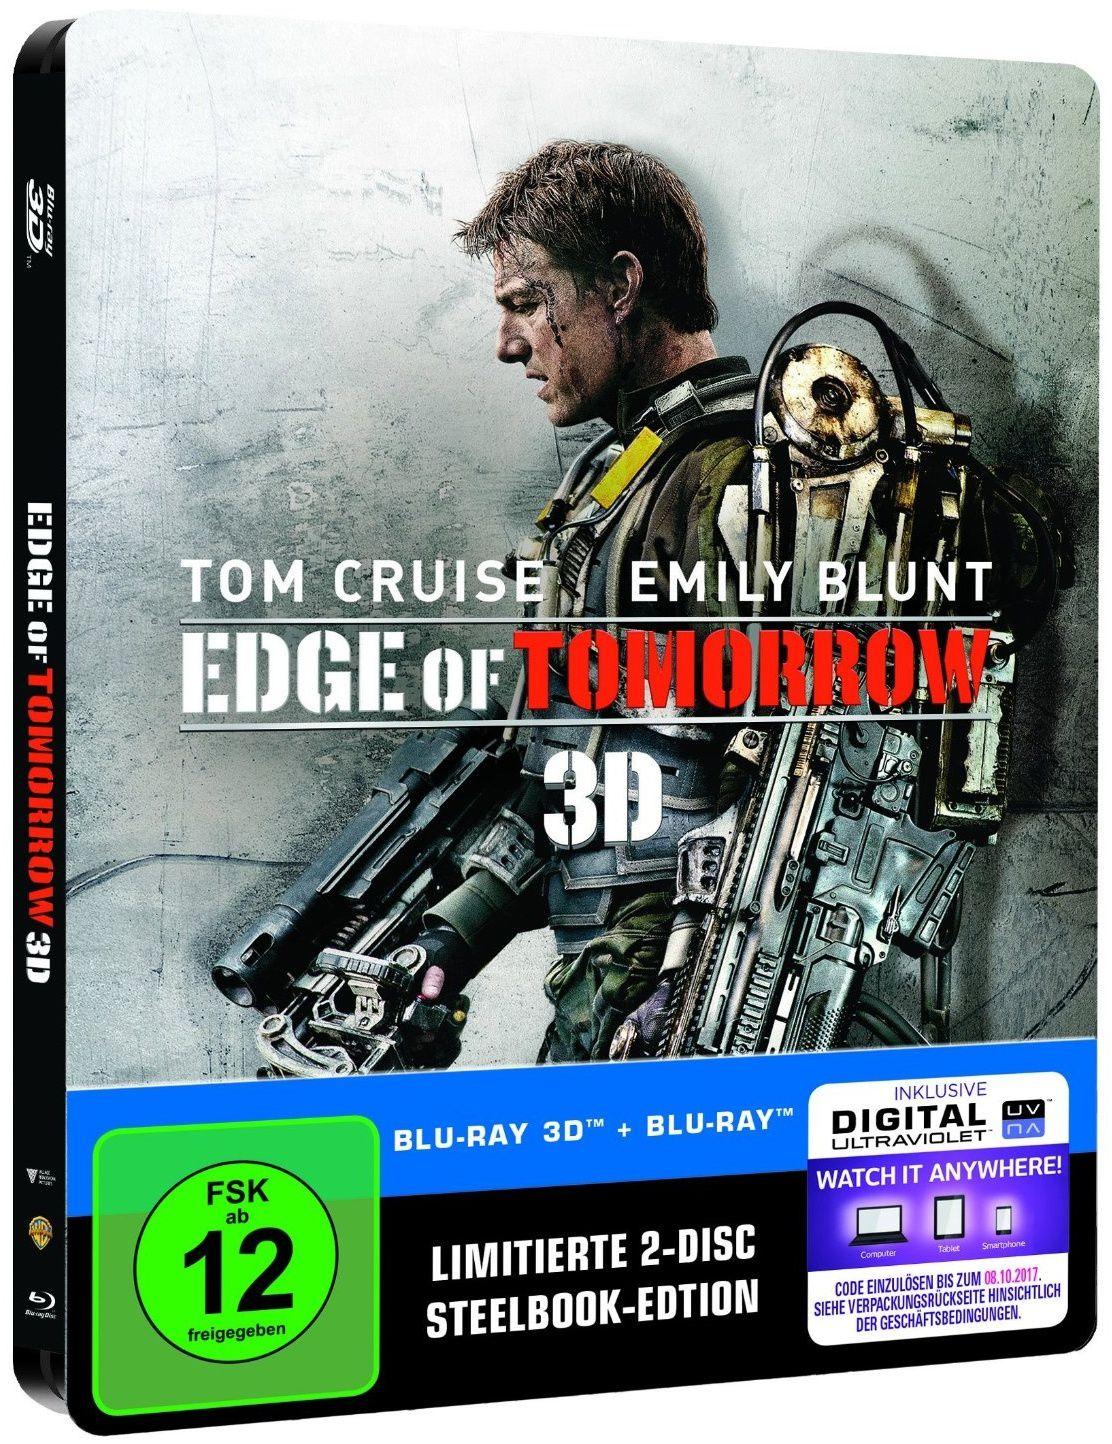 Edge of tomorrow en blu-ray métal édition limitée